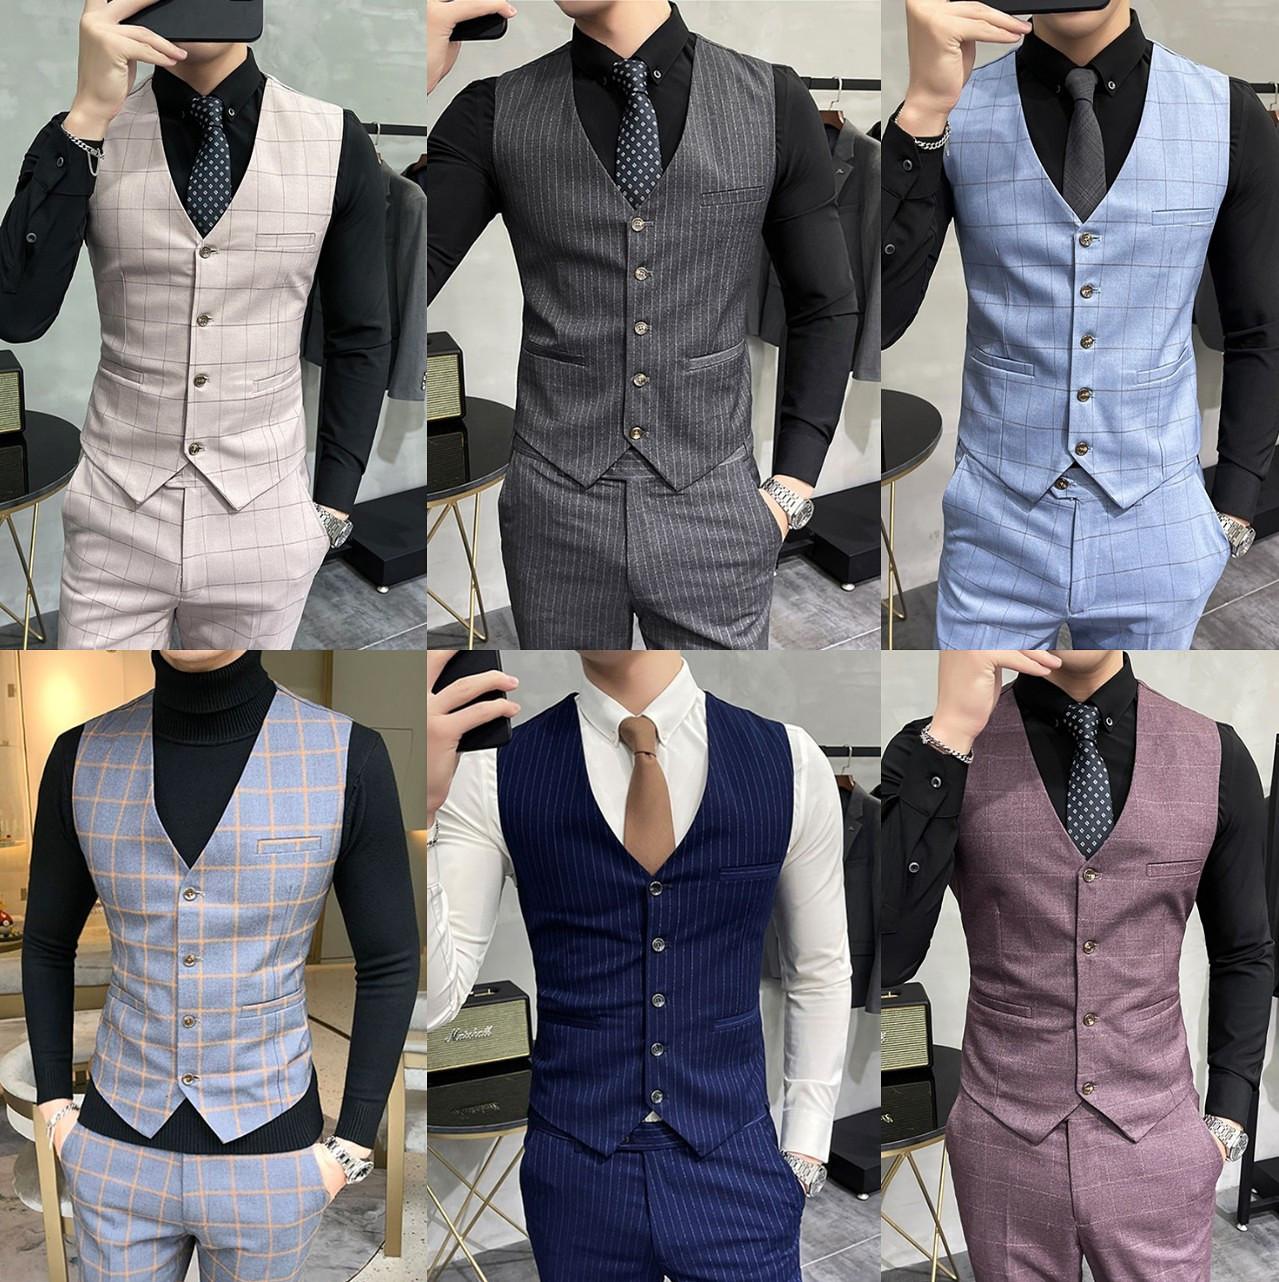 西装潮流男修身婚礼伴郎背心马甲套装两时尚英伦风格子团件套马夹